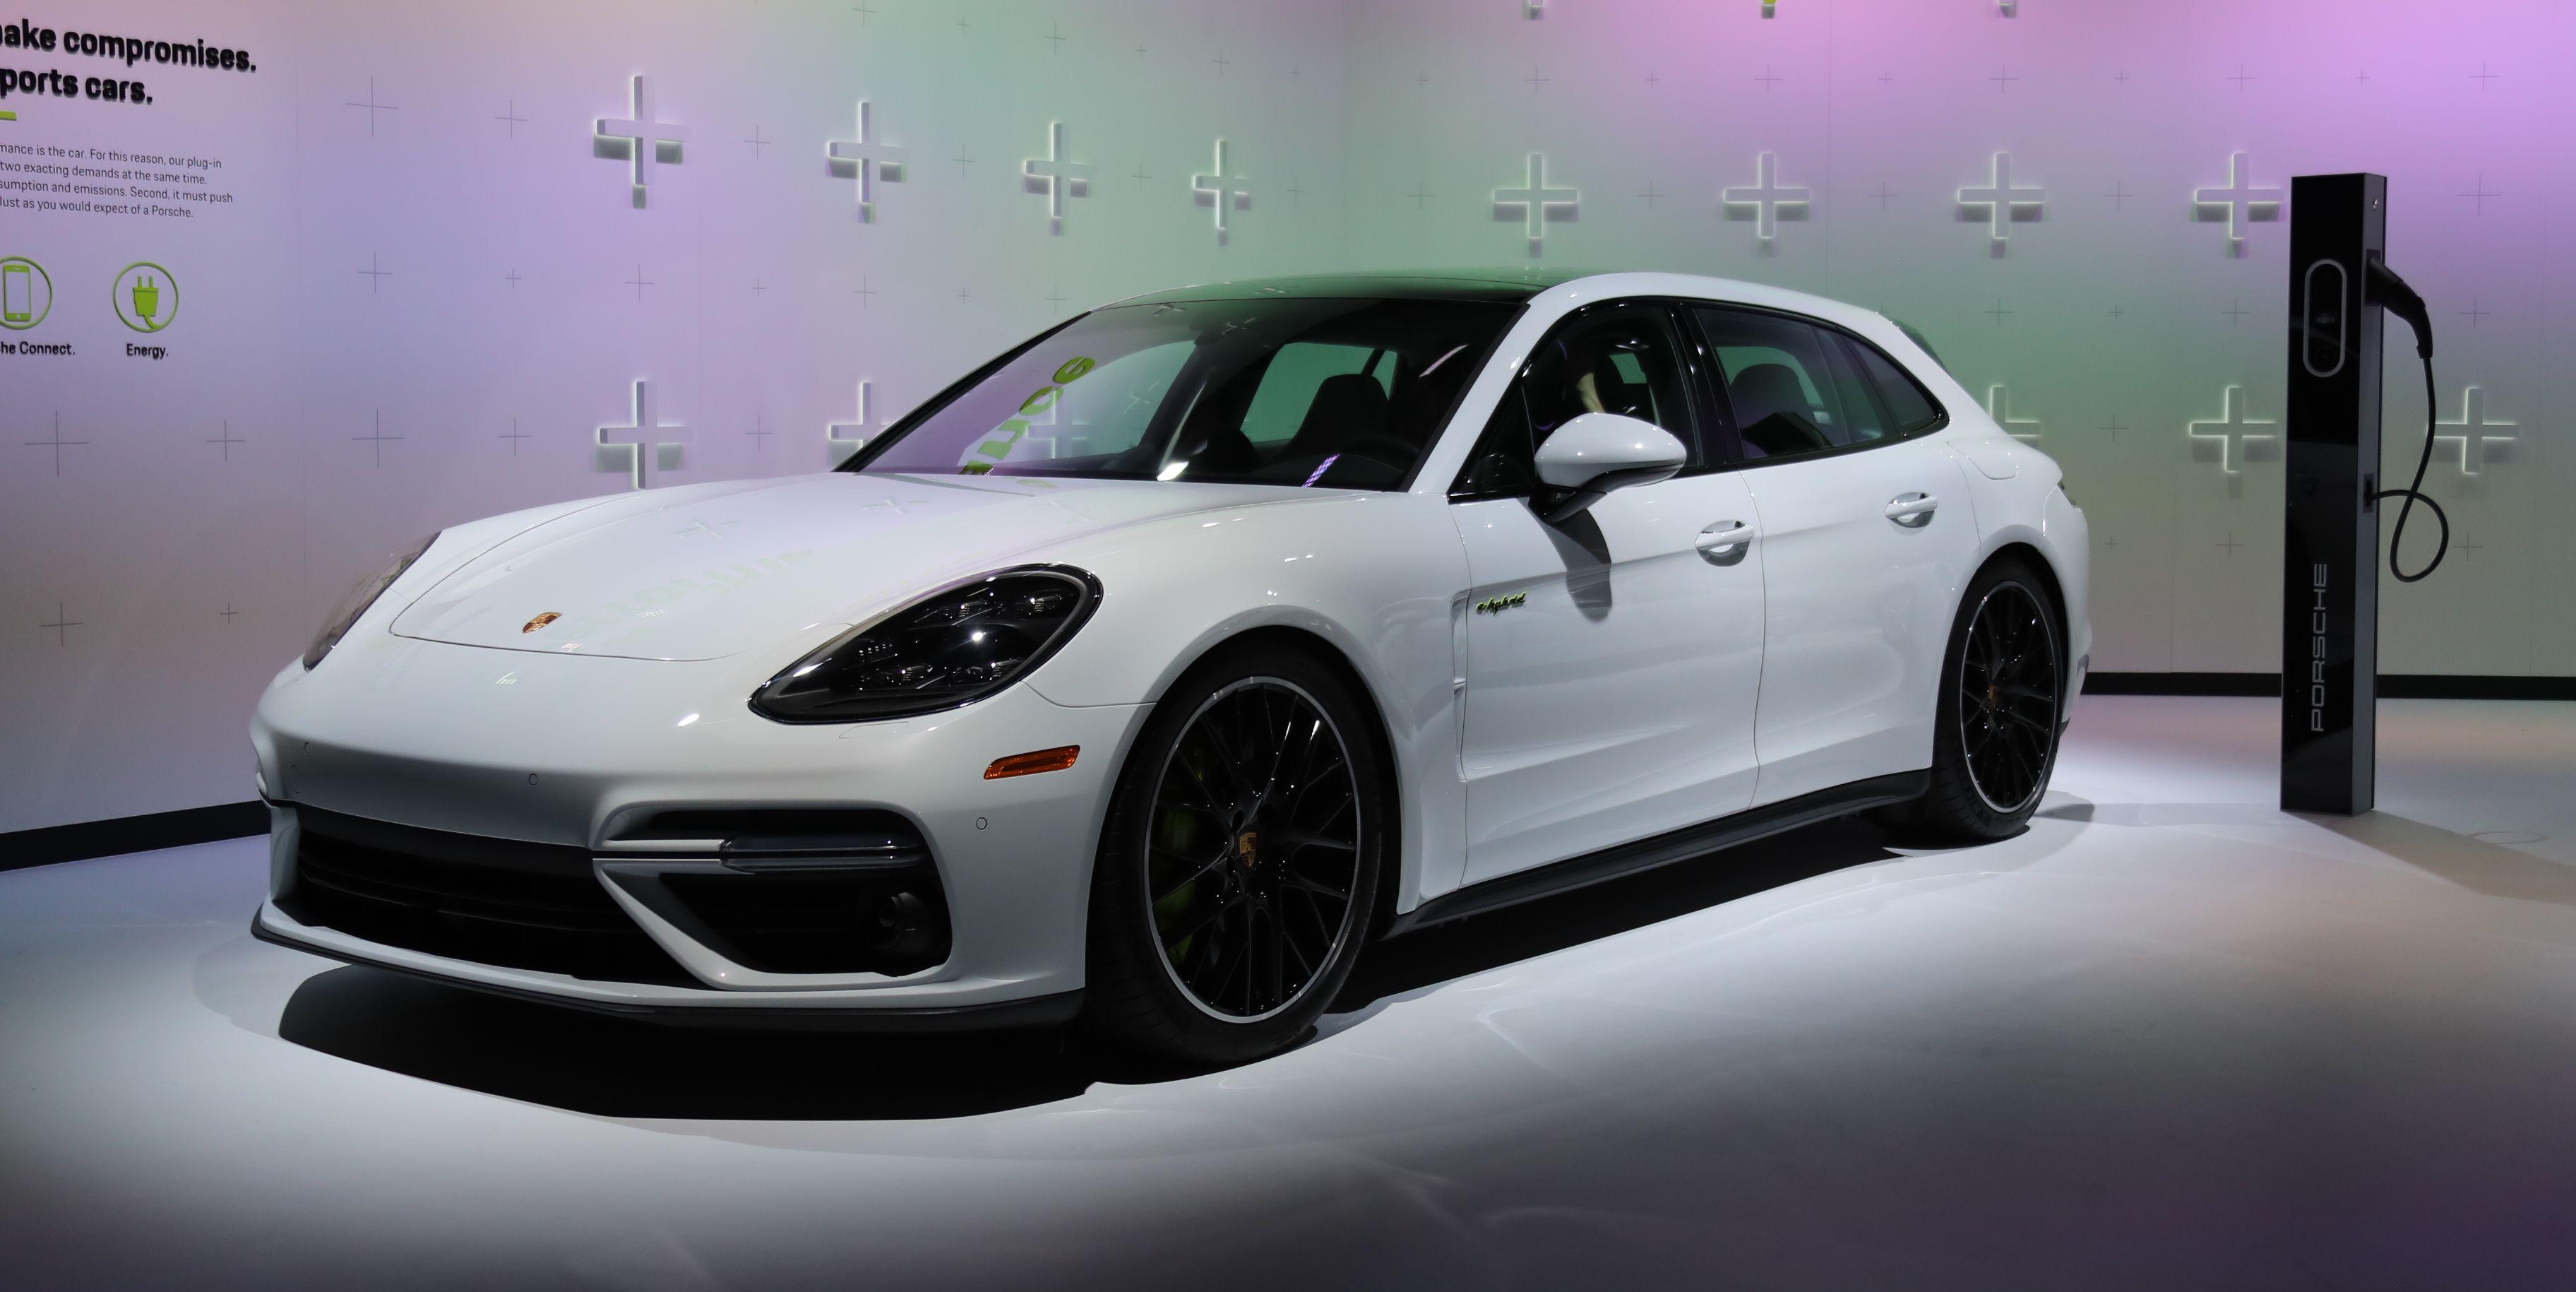 Porsche Panamera Turbo S E-Hybrid Sport Turismo: Here It Is